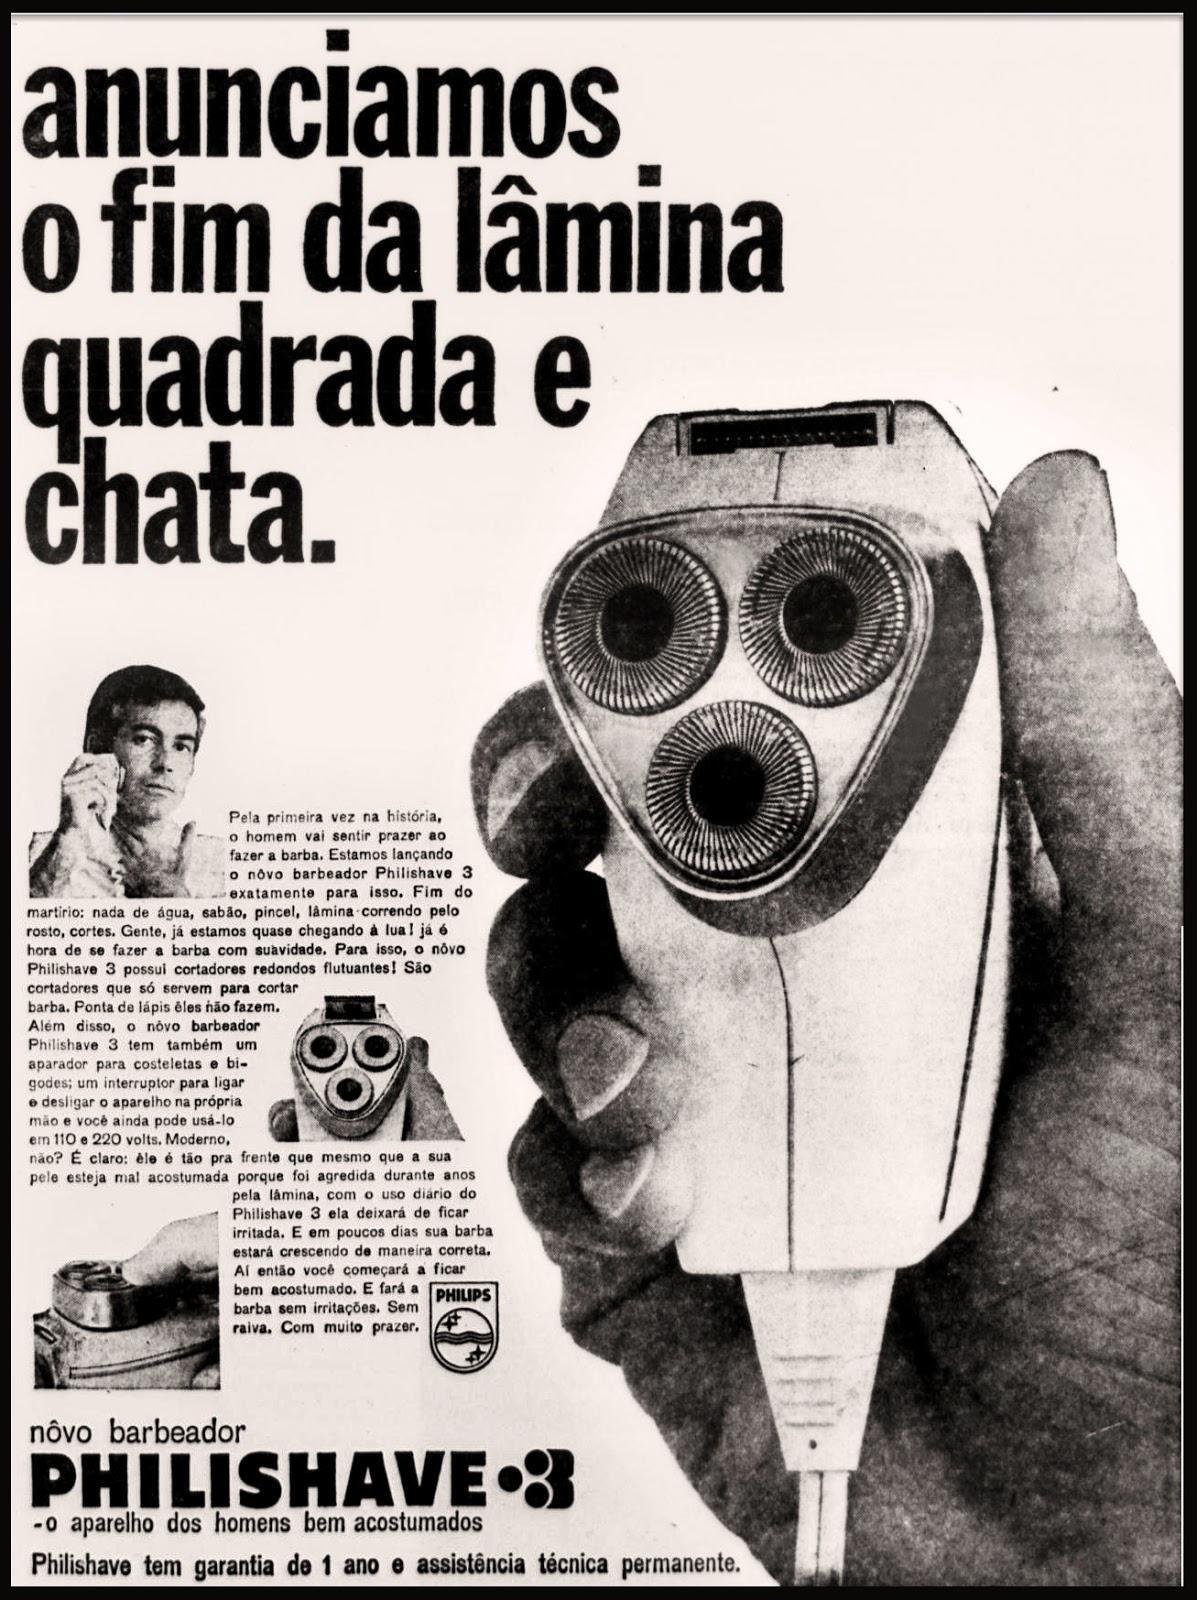 propaganda anos 70; história da década de 70; Brazil in the 70s; reclame anos 70.